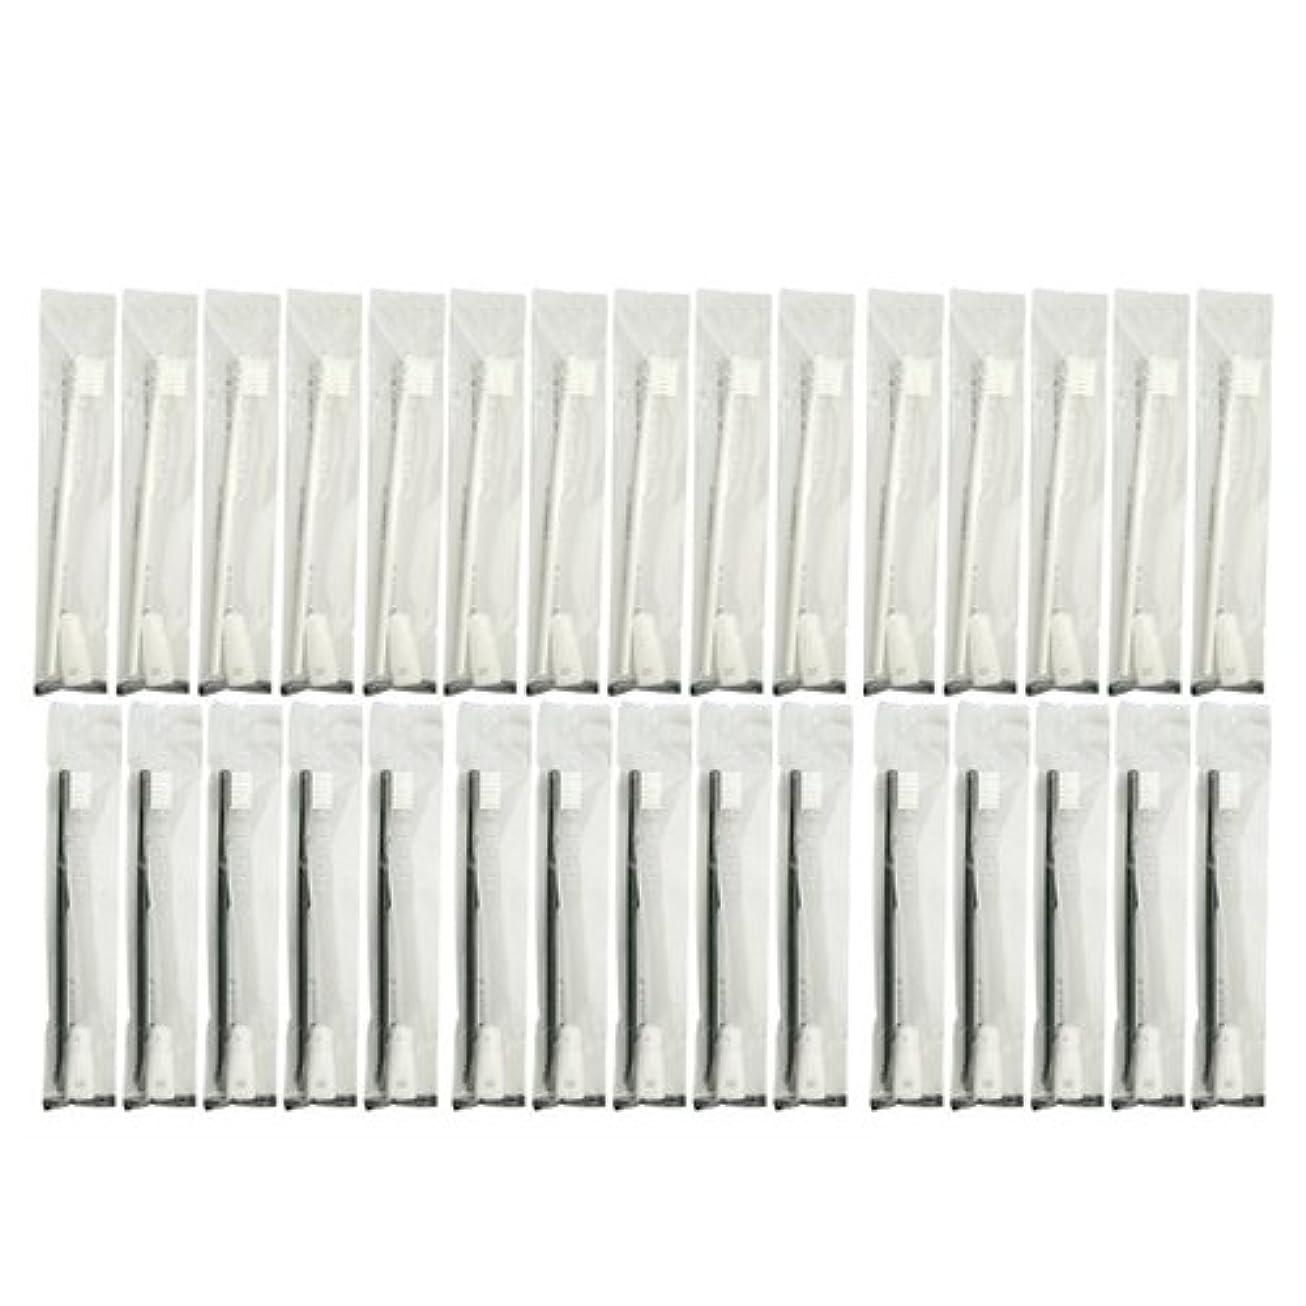 日食認識科学的業務用 使い捨て歯ブラシ チューブ歯磨き粉(3g)付き アソート 30本 (ブラック15本/ホワイト15本)セット│ホテルアメニティ 個包装タイプ